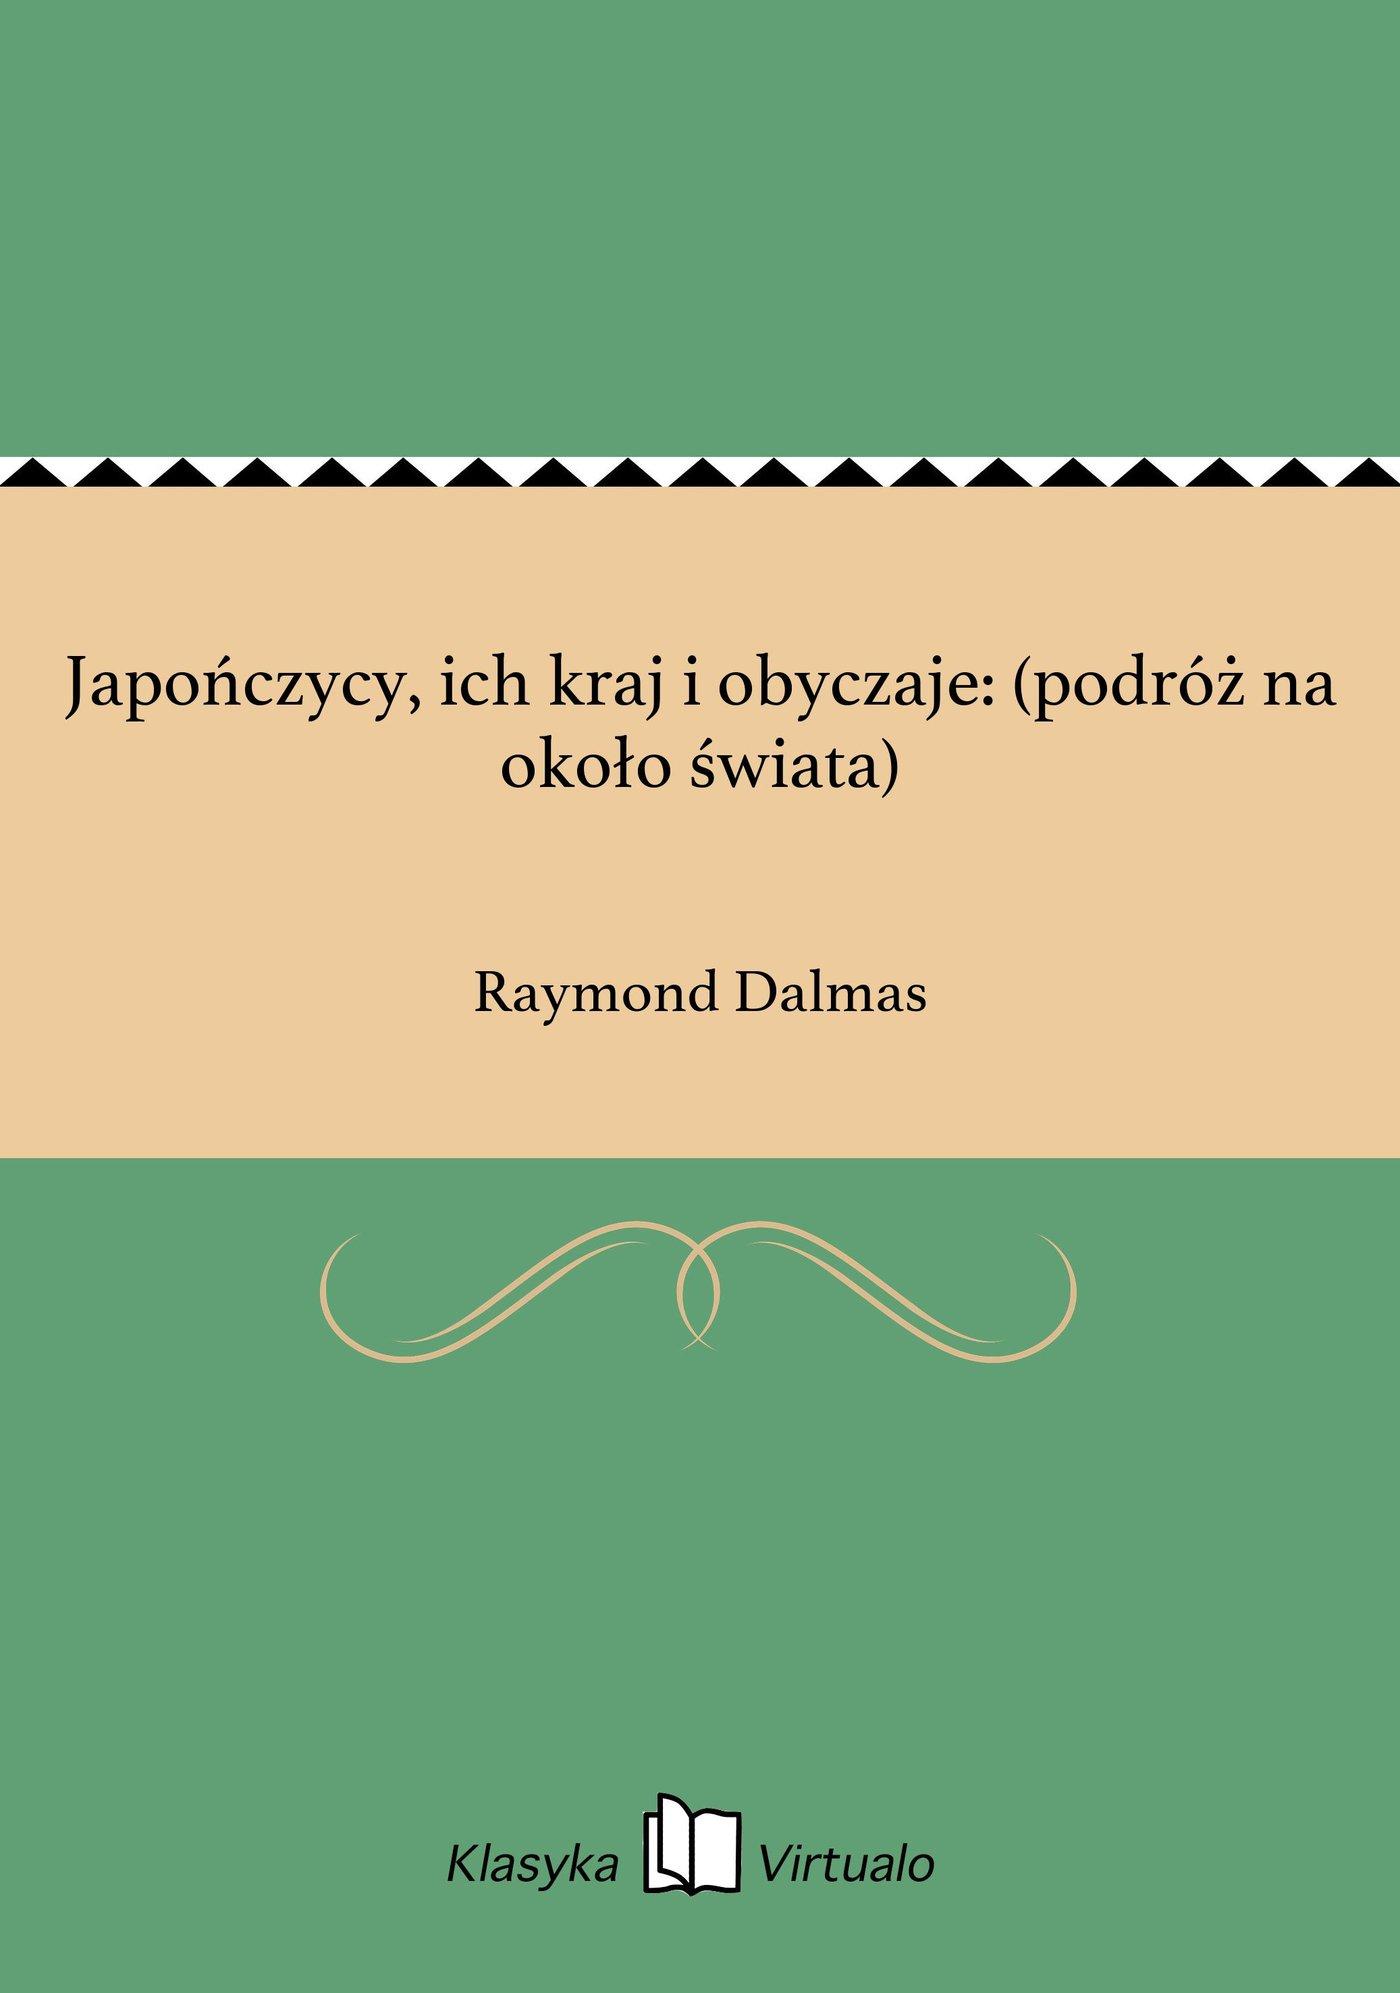 Japończycy, ich kraj i obyczaje: (podróż na około świata) - Ebook (Książka EPUB) do pobrania w formacie EPUB